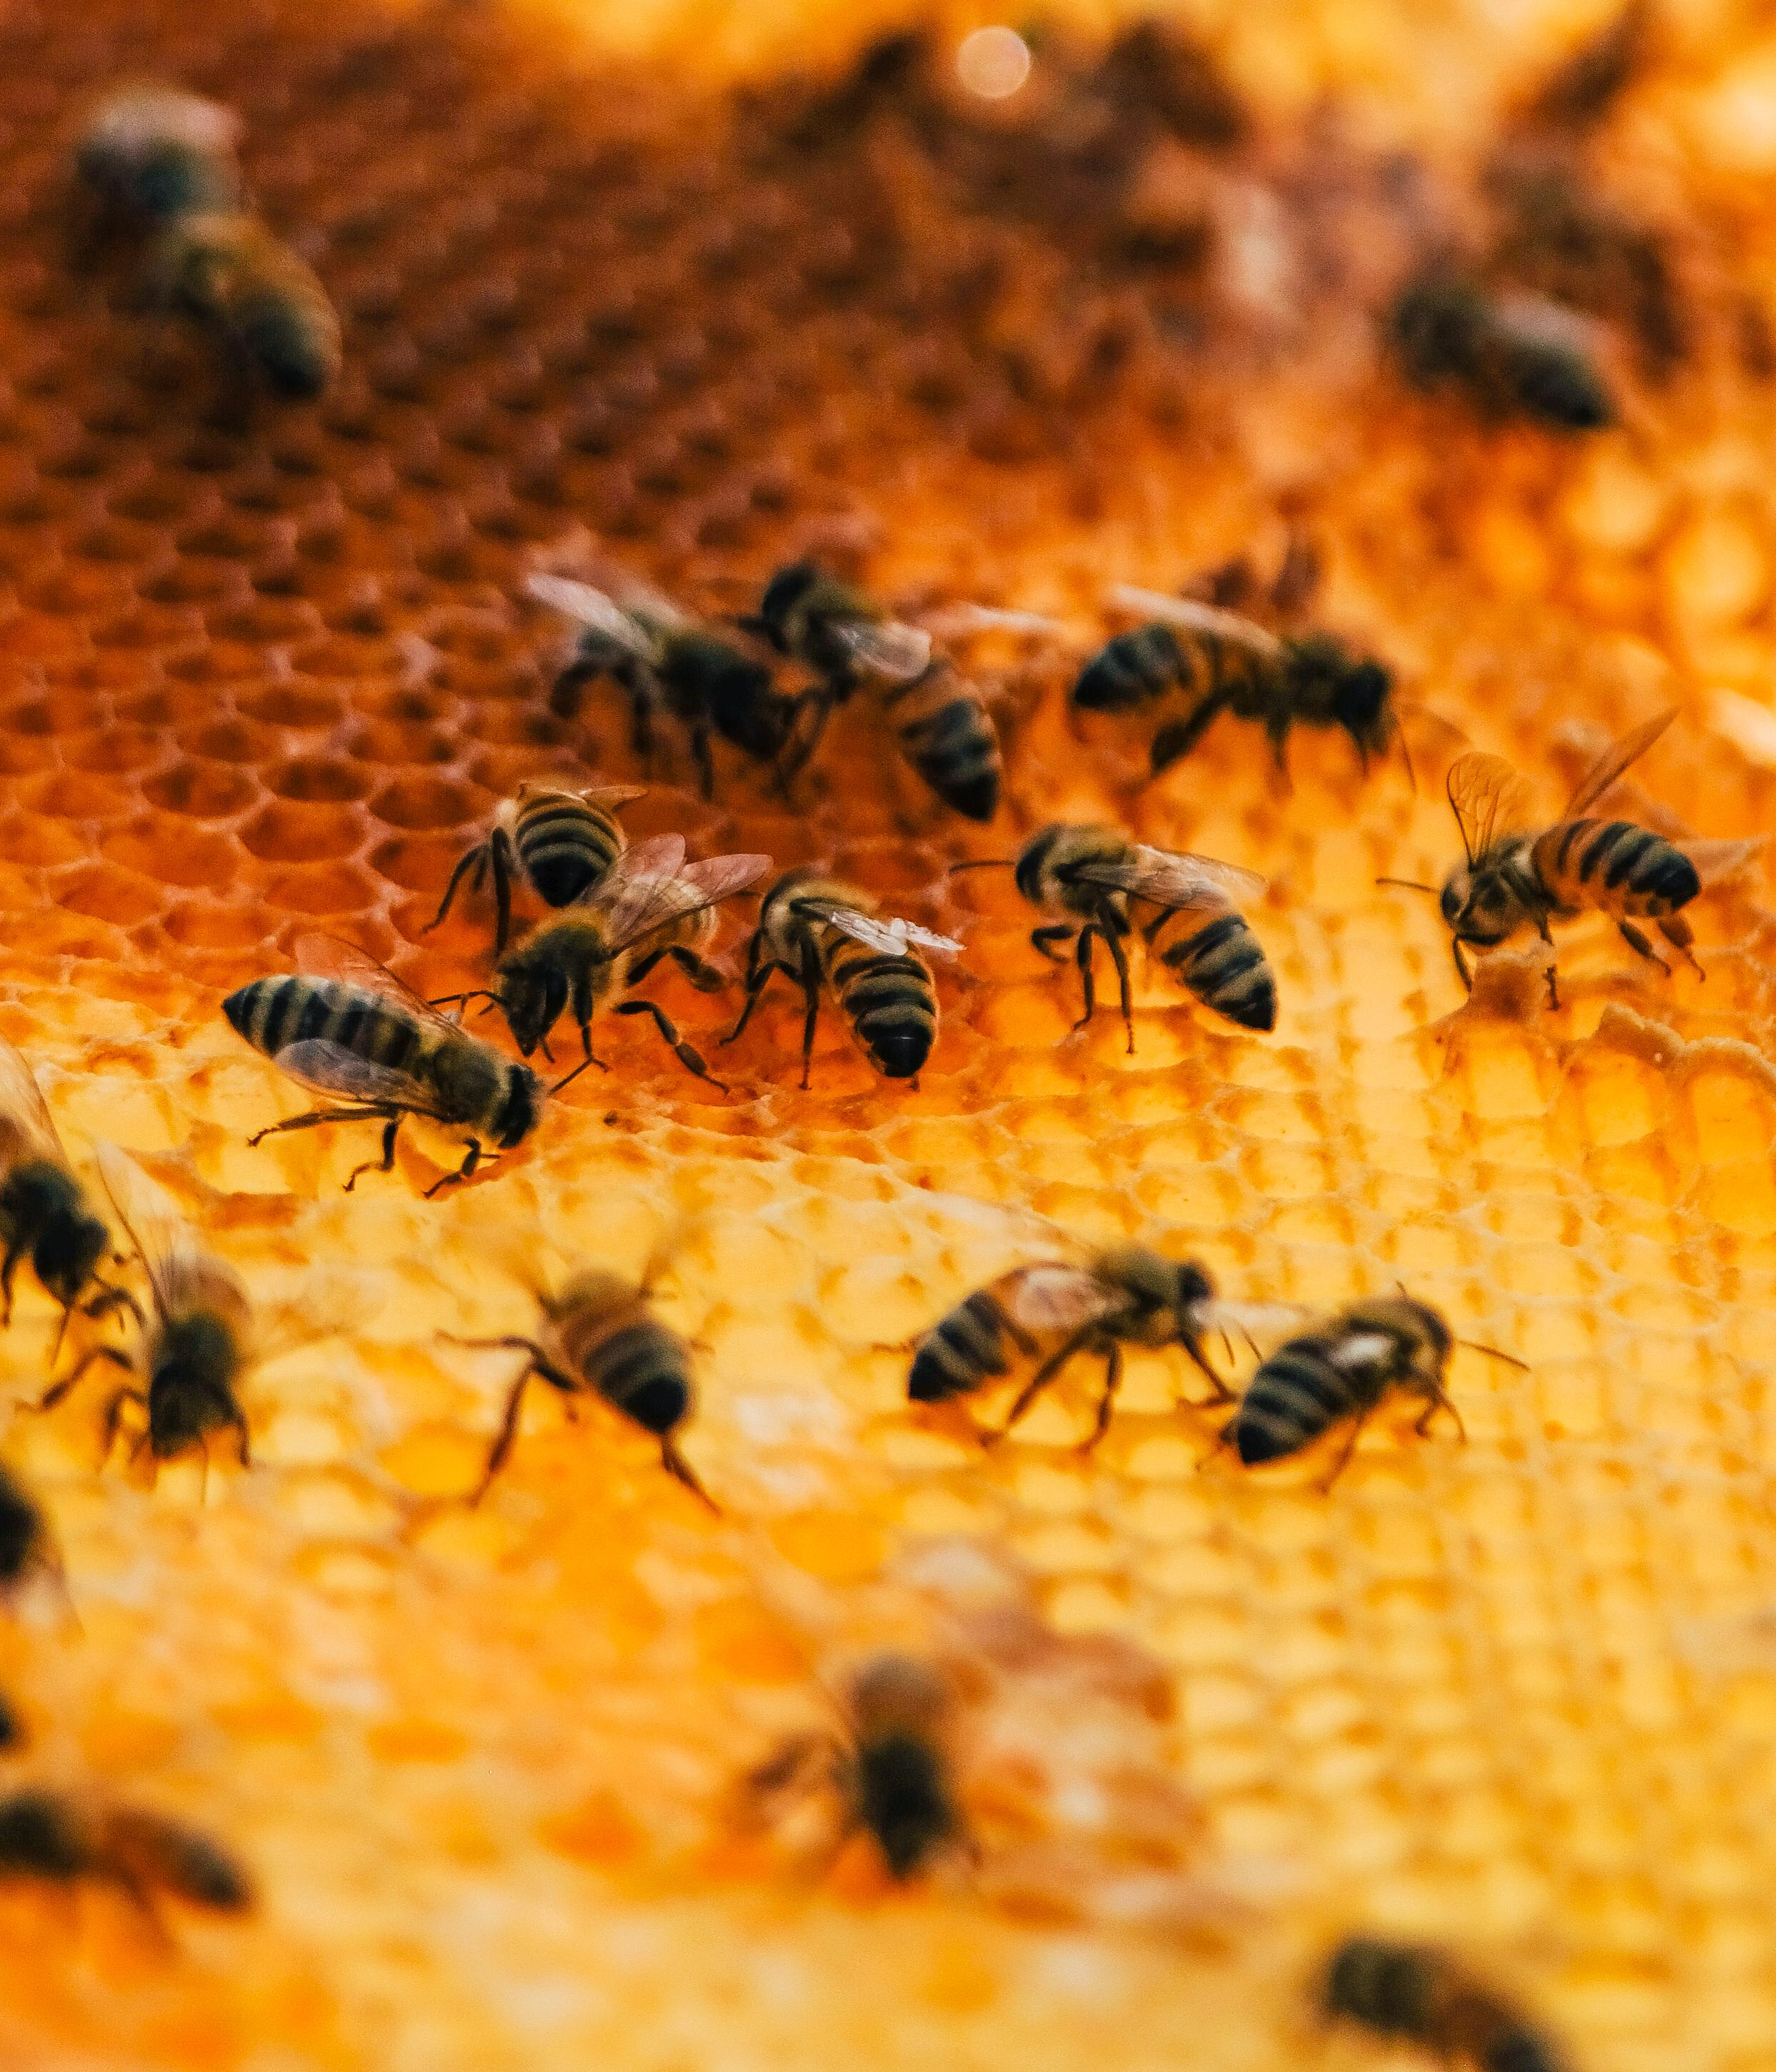 Bees_EmpressGreen-24.jpg